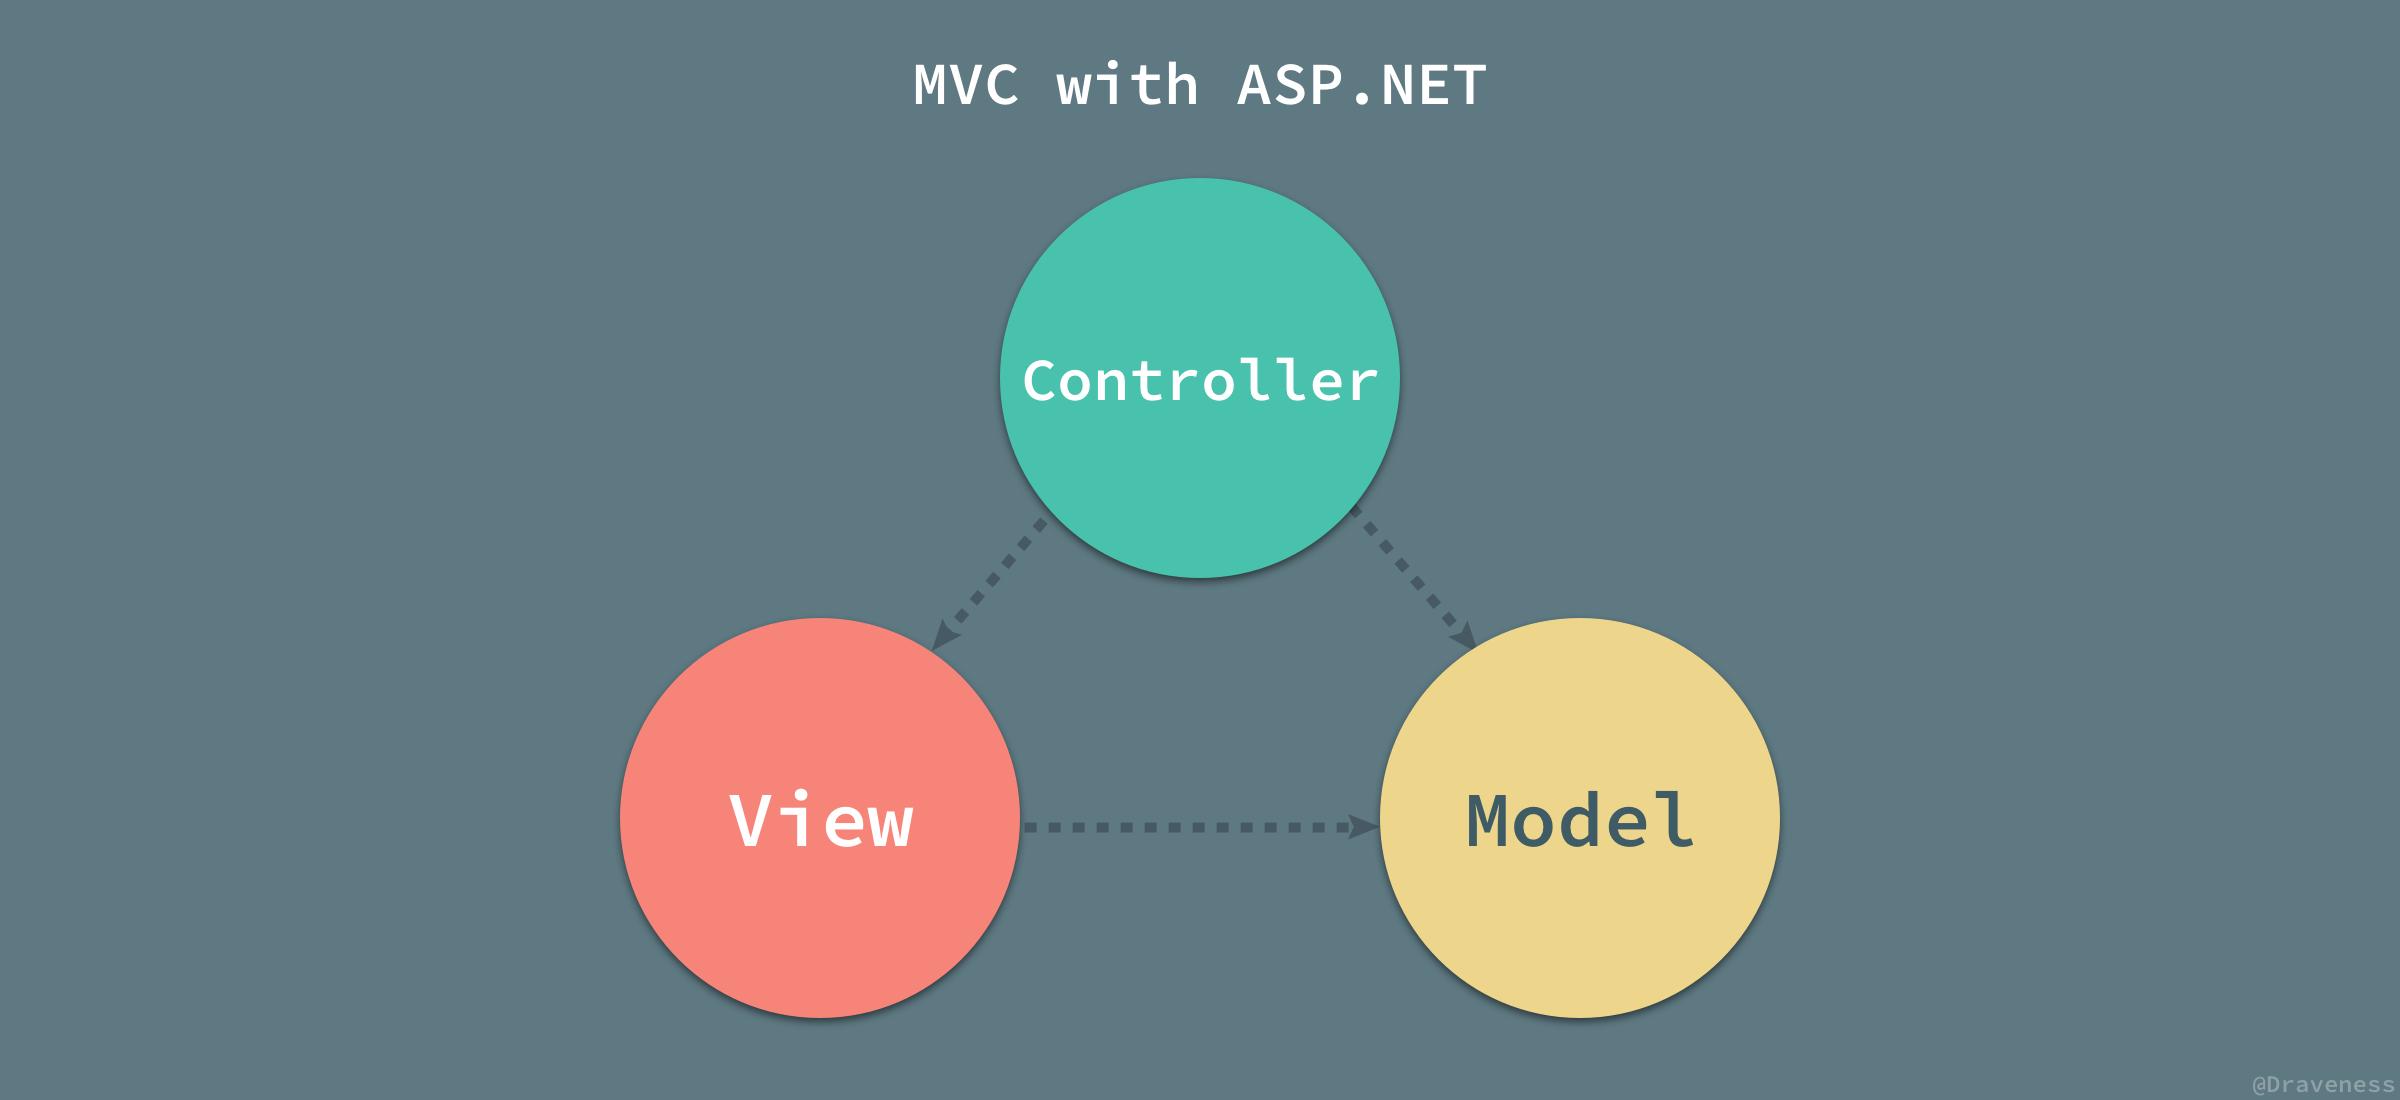 MVC-with-ASP.NET